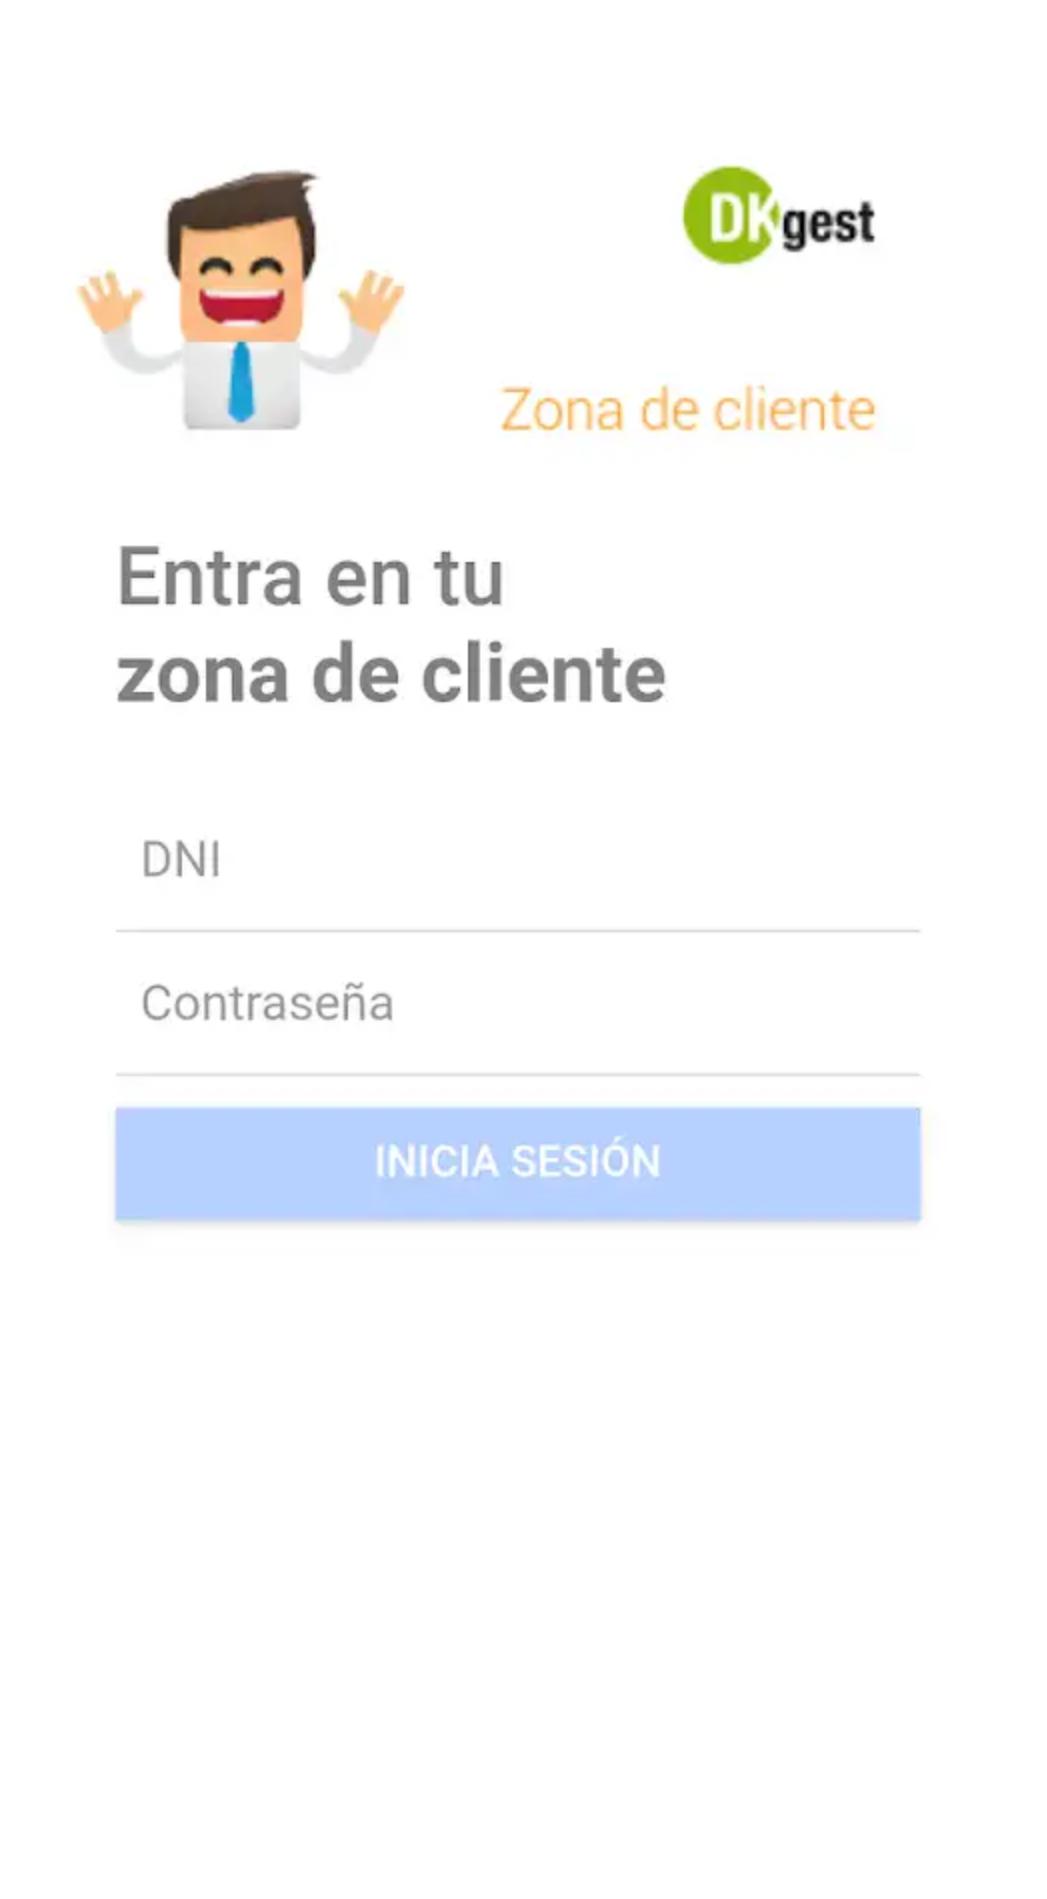 APP_Clientes.png